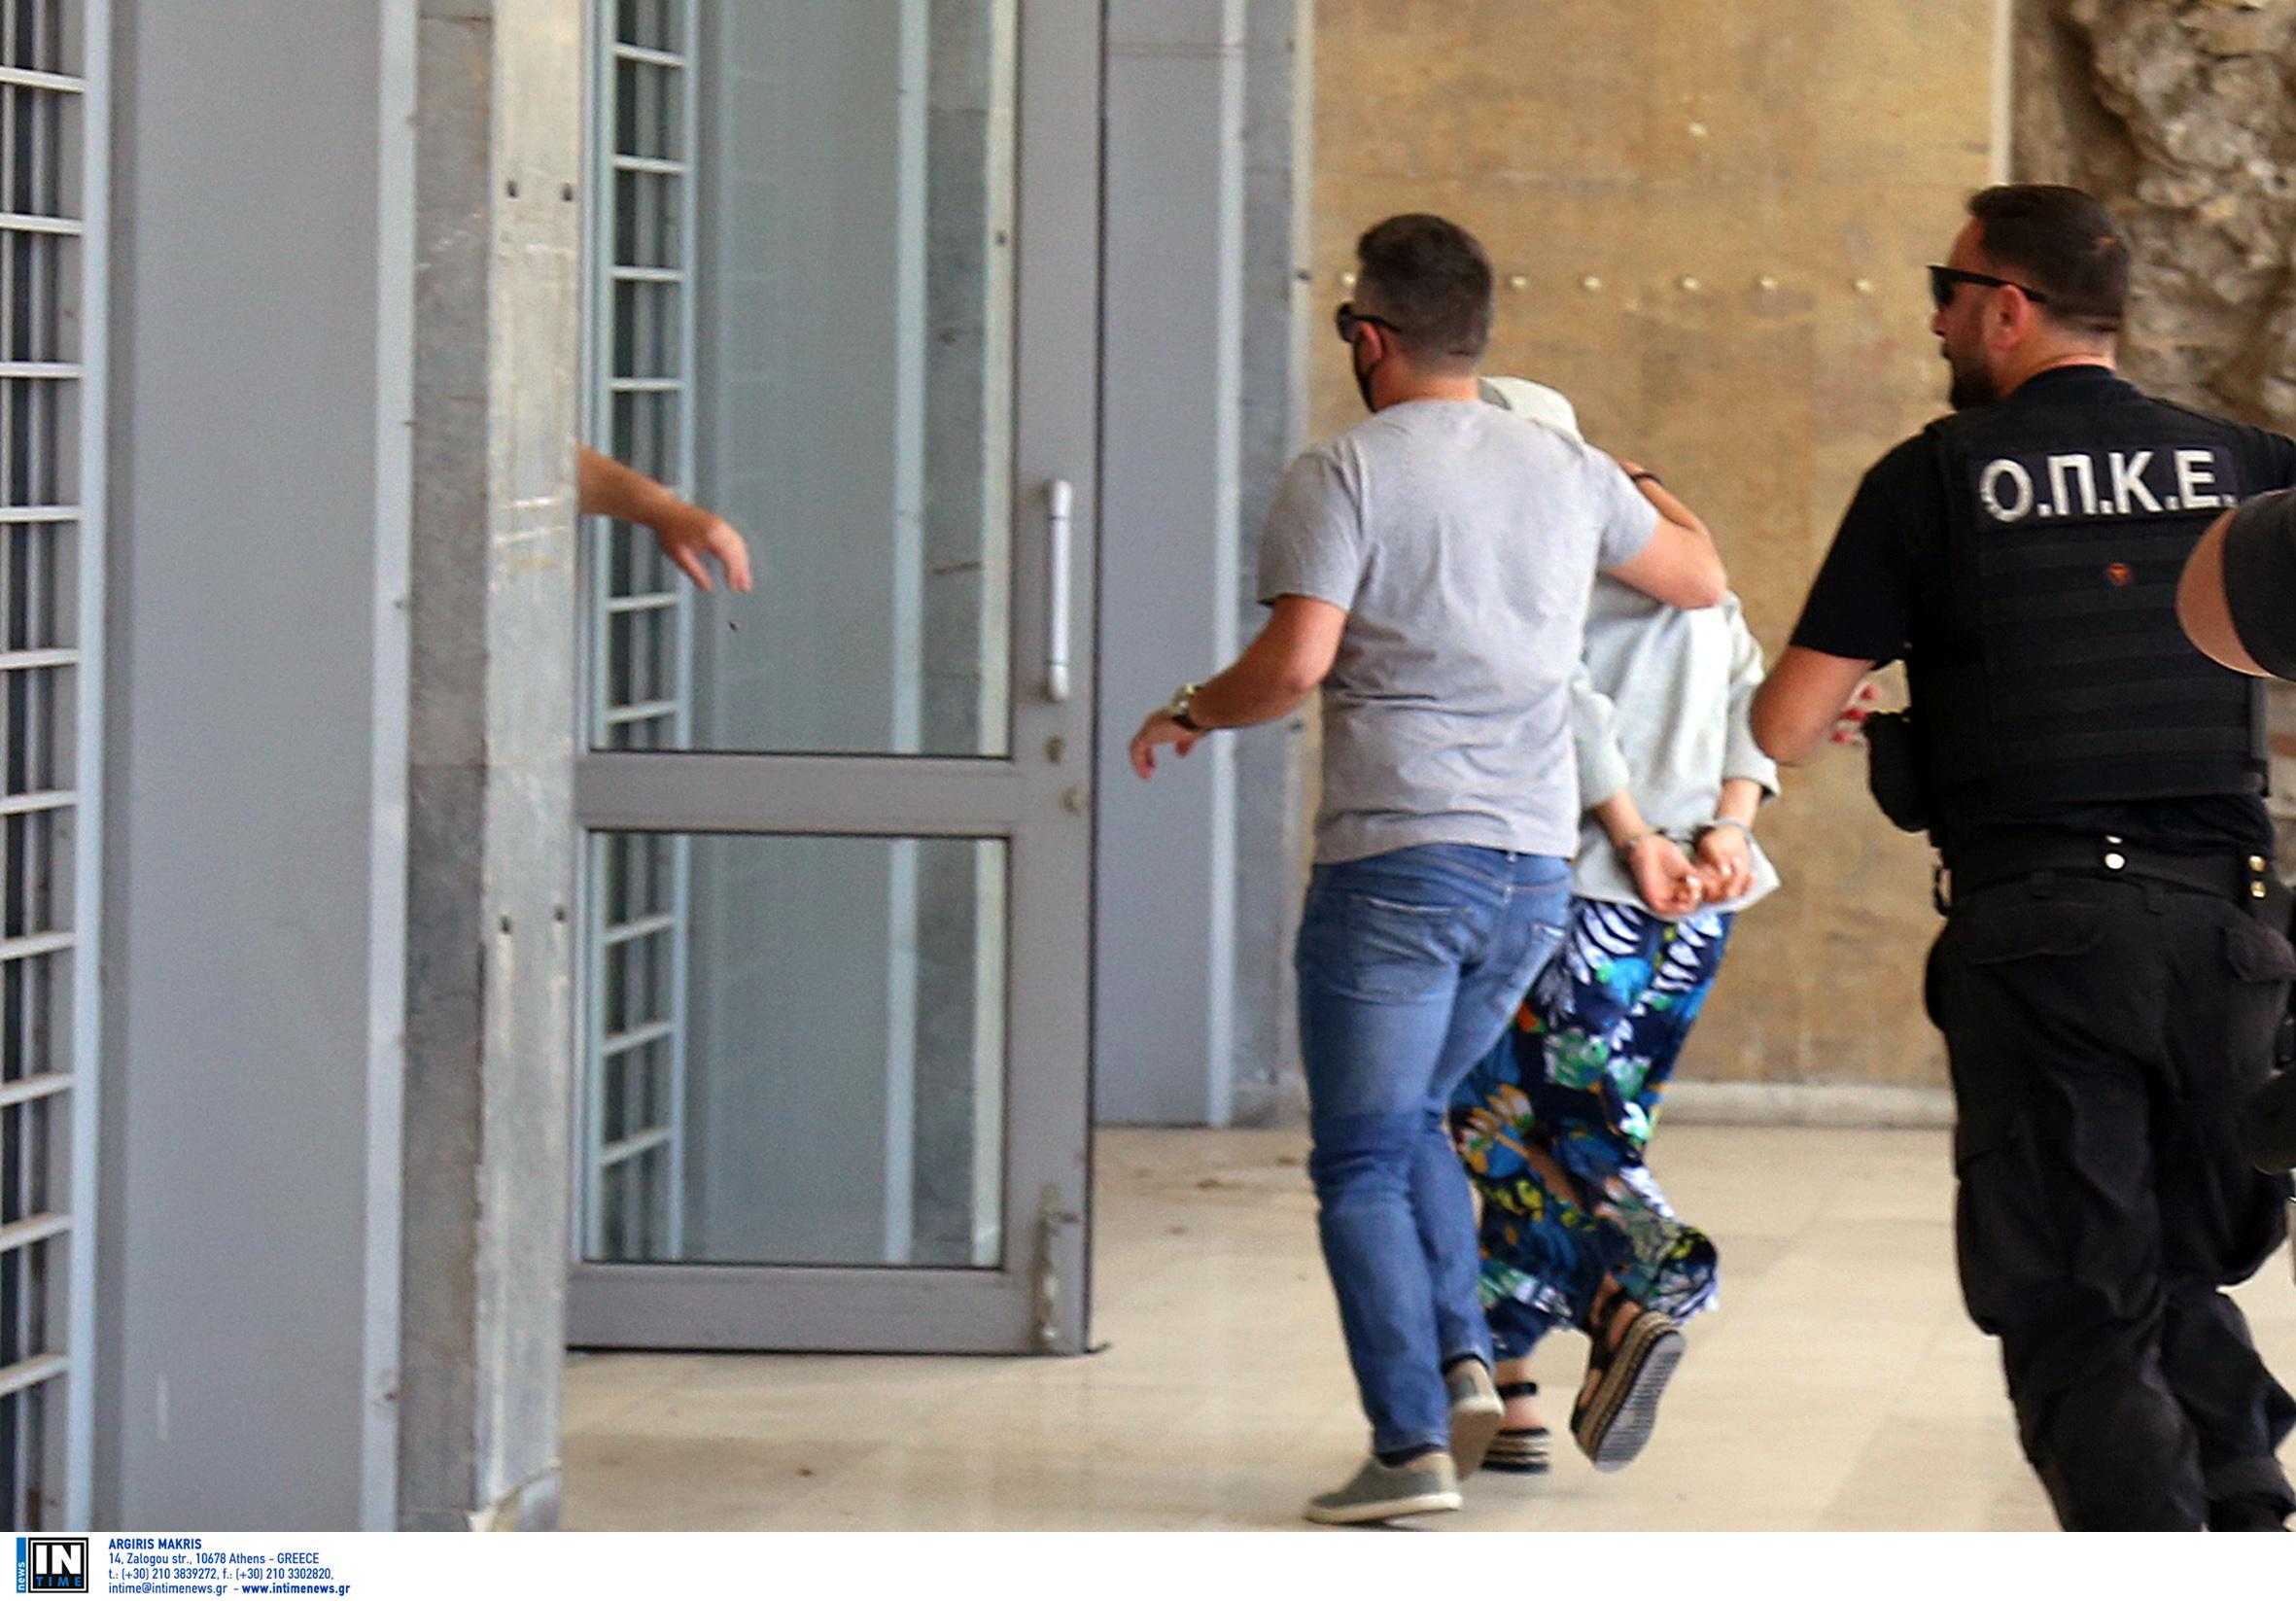 Θεσσαλονίκη: Νέα προθεσμία για την 33χρονη που άρπαξε τη μικρή Μαρκέλλα